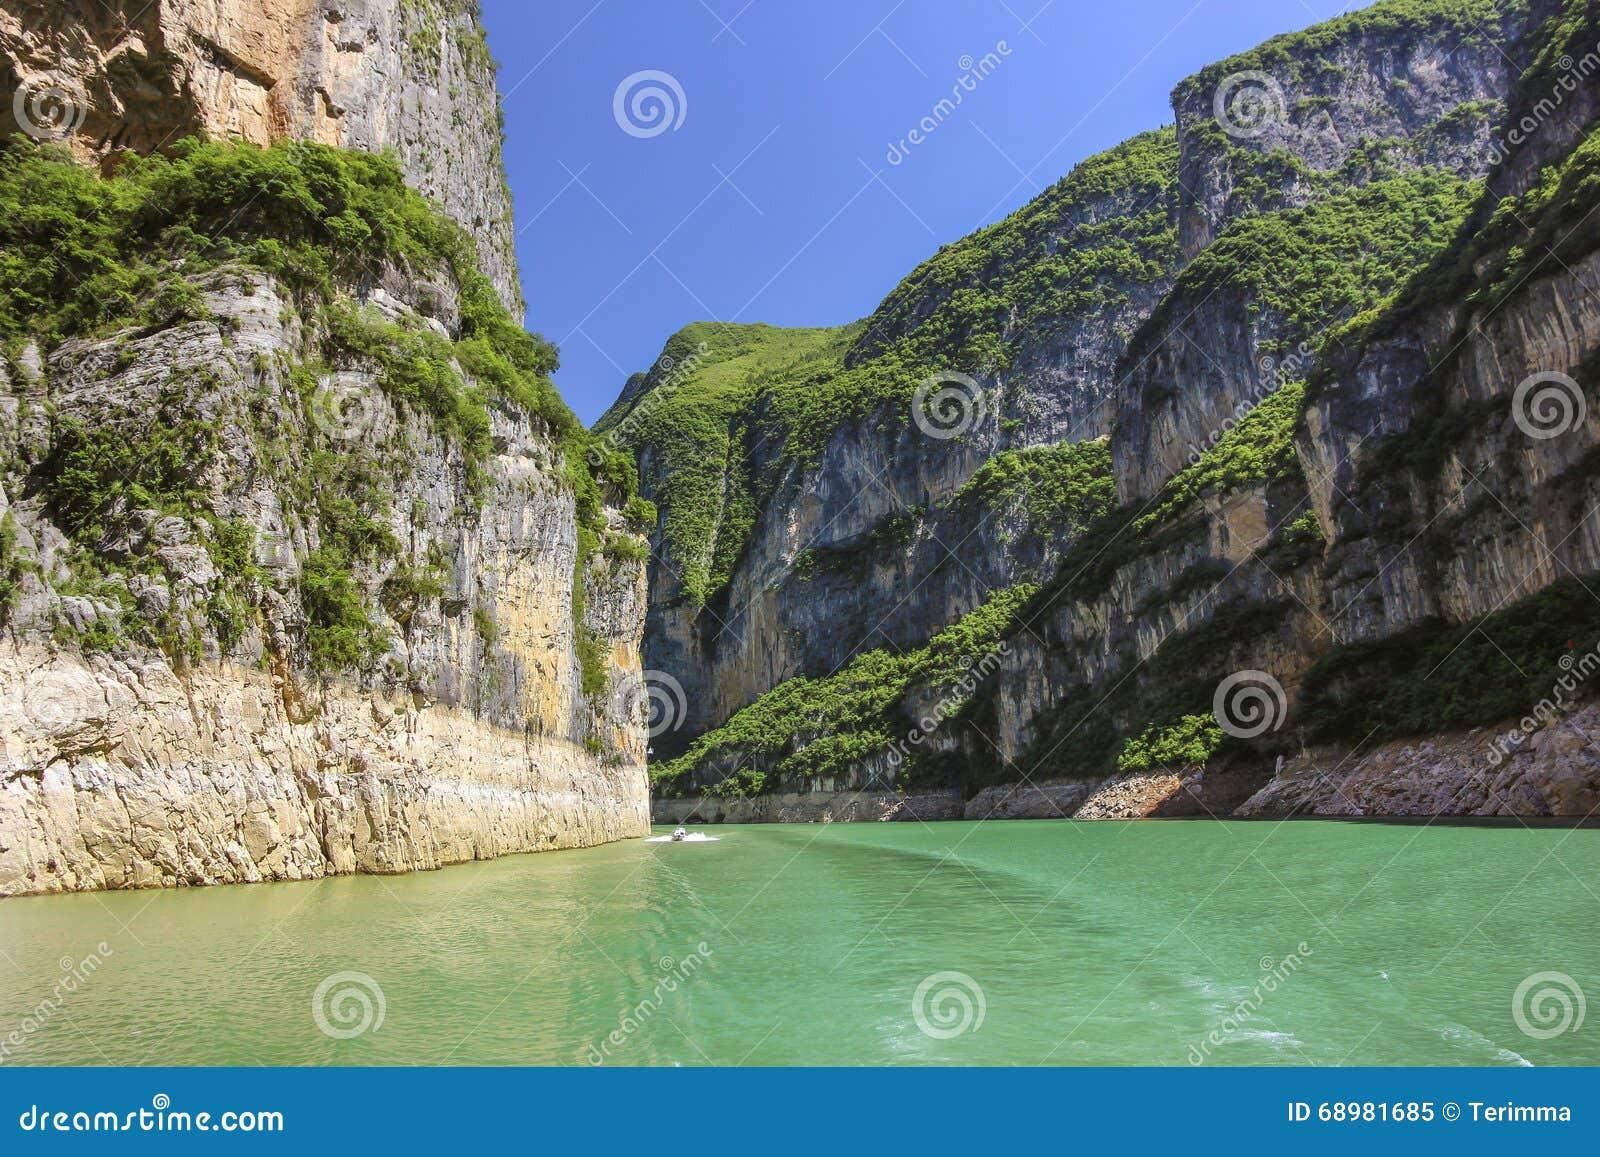 La garganta en el río Yangzi